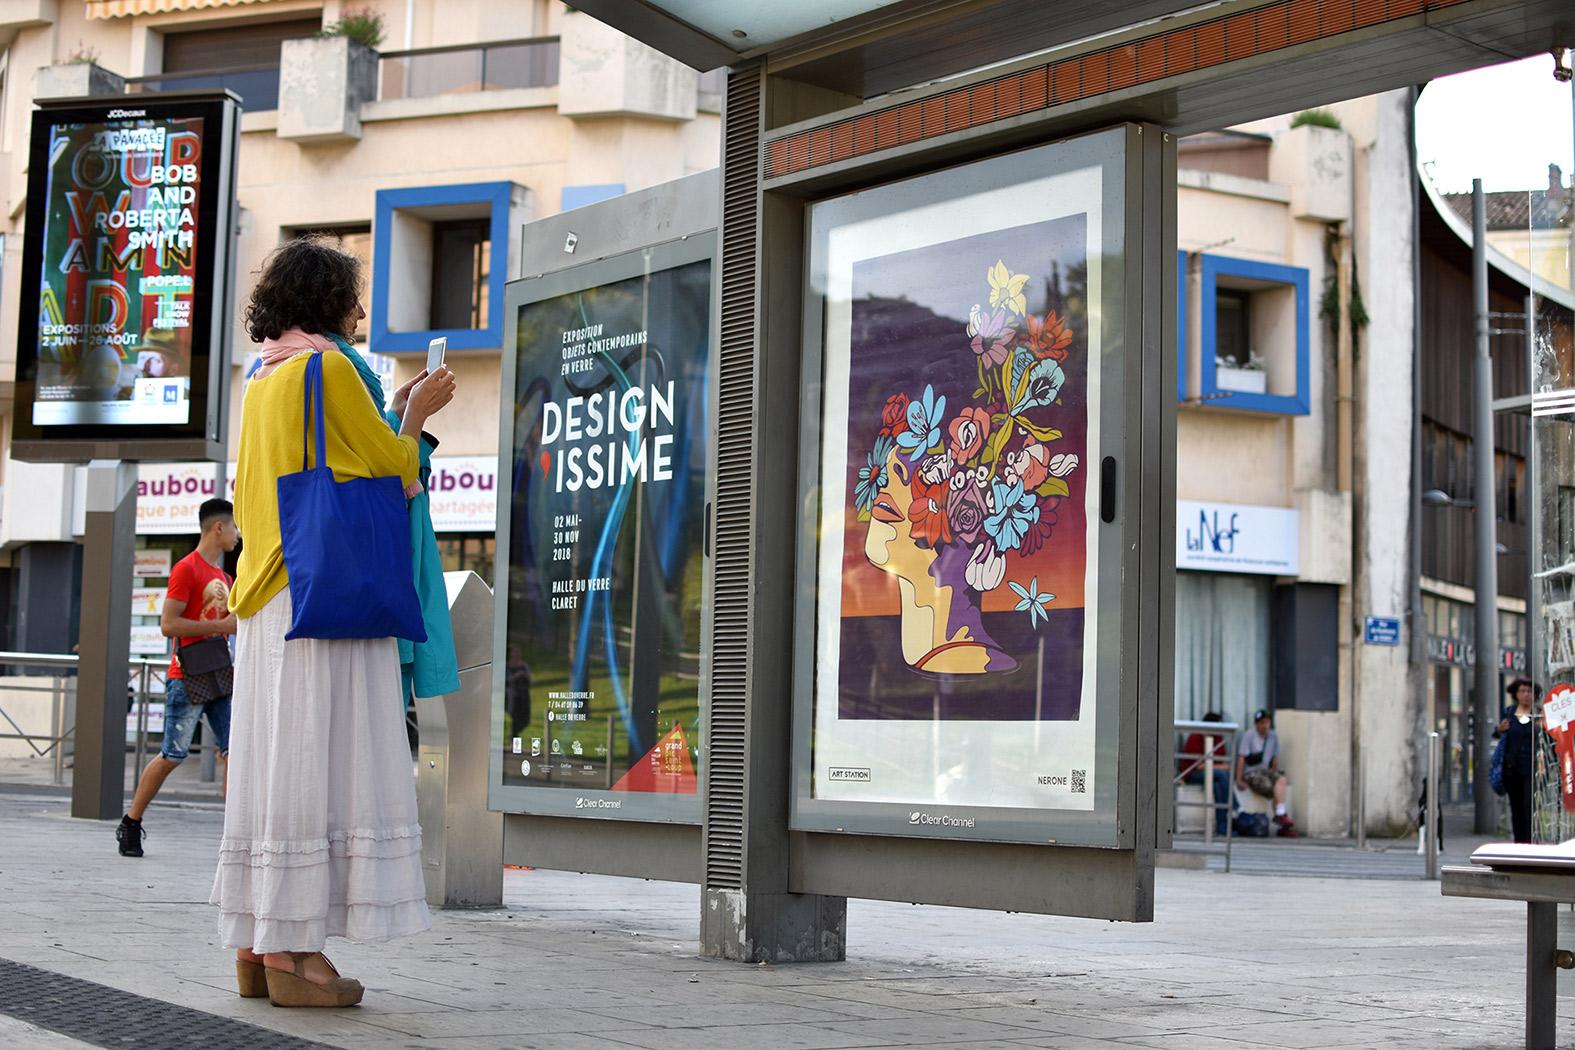 nerone-art-station-design-2